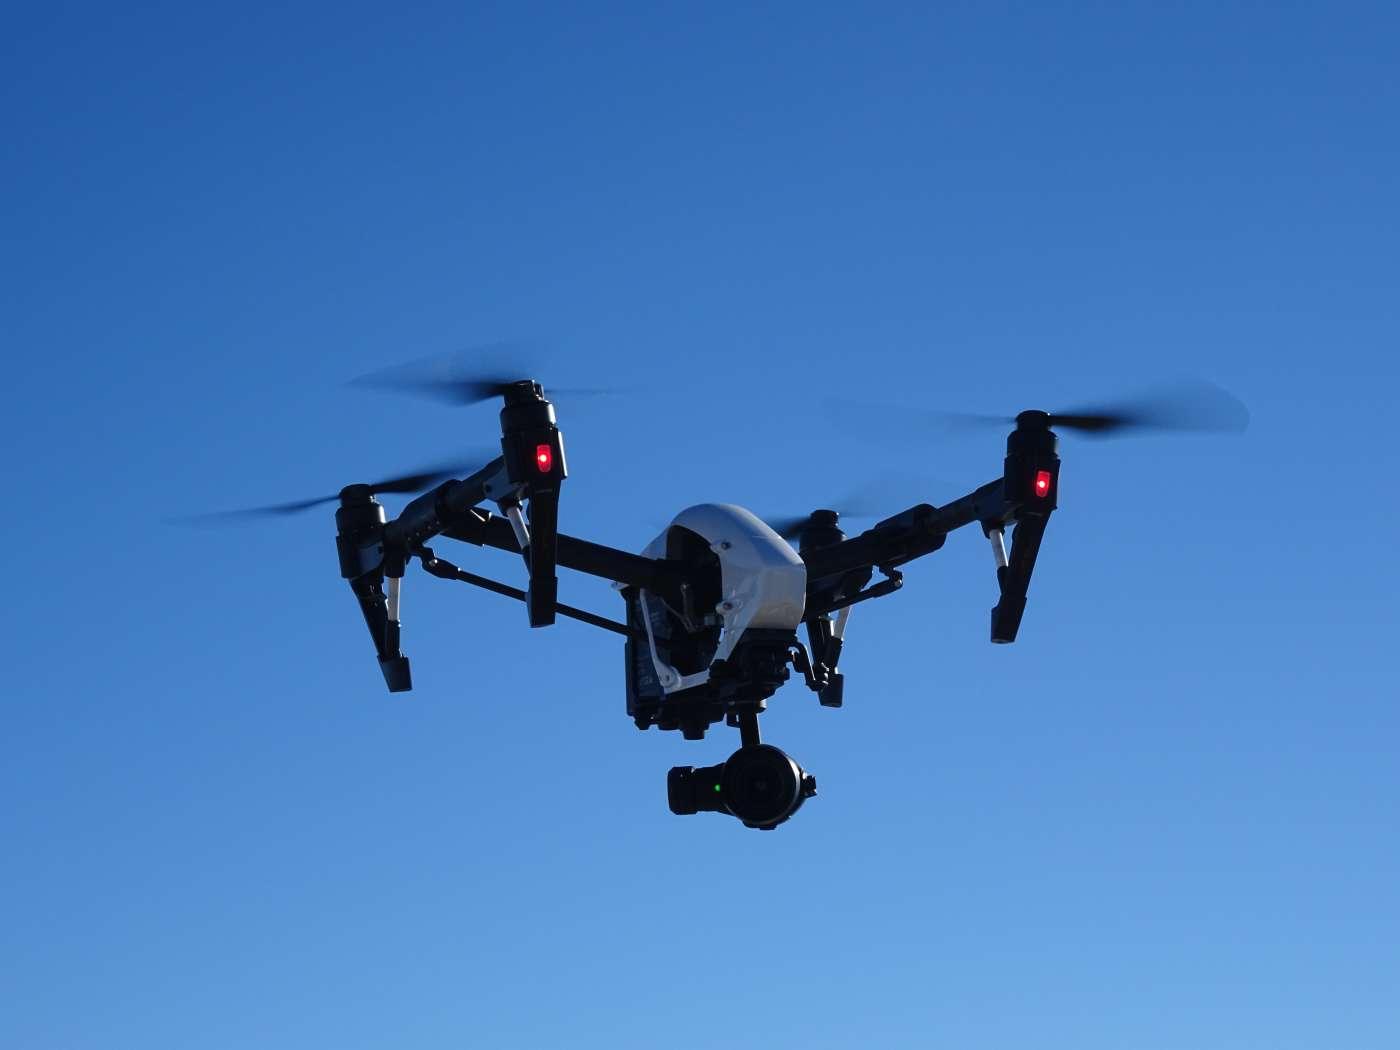 Droni, in tempo di pandemia il mercato ne risente parecchio